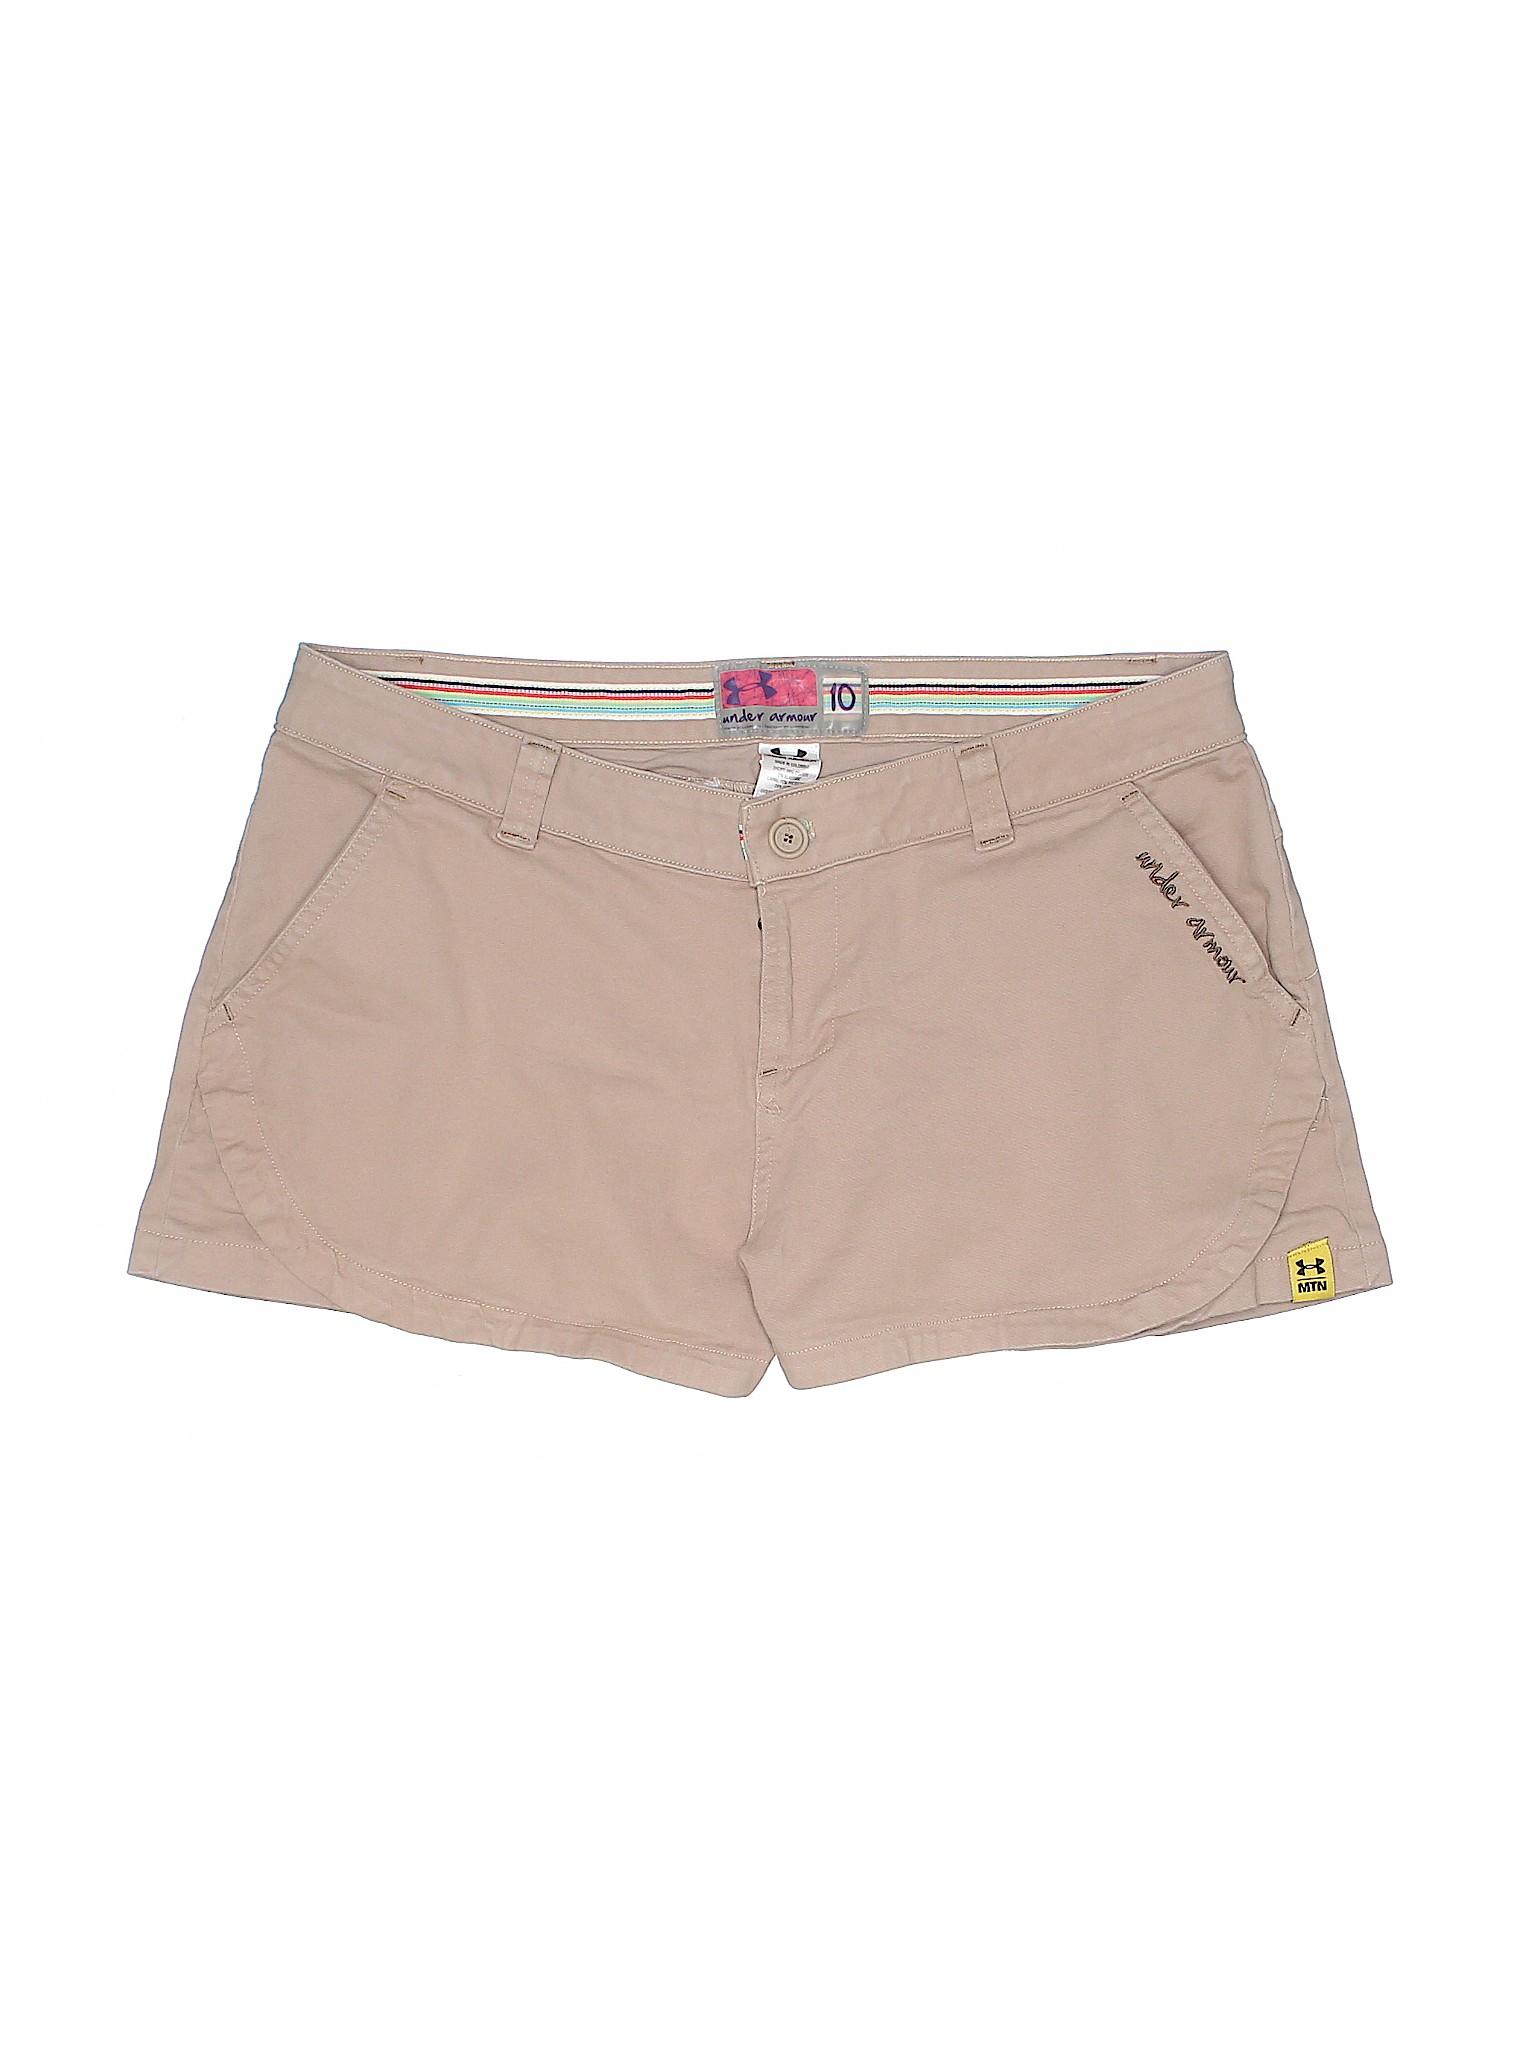 Shorts Under Khaki Armour Under Boutique Armour Boutique Shorts Khaki R8PxXq